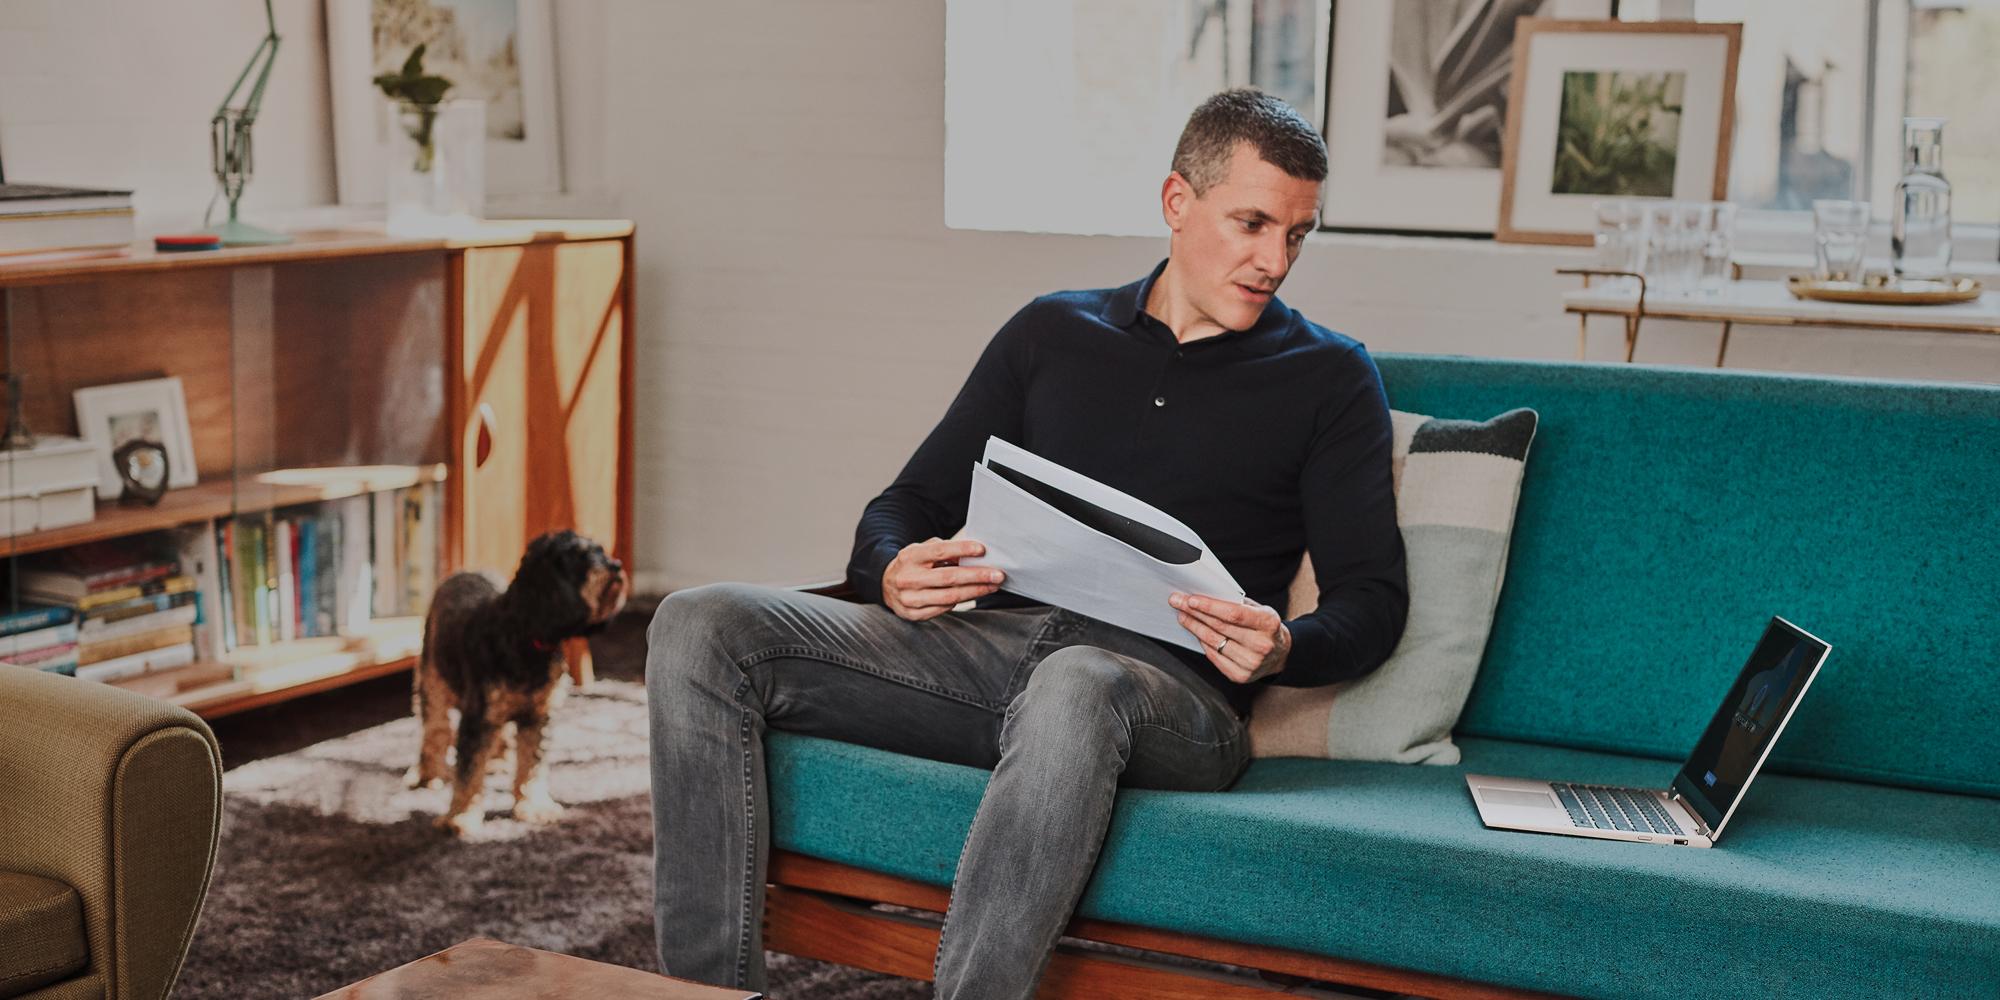 En person sidder i en sofa med sin laptop